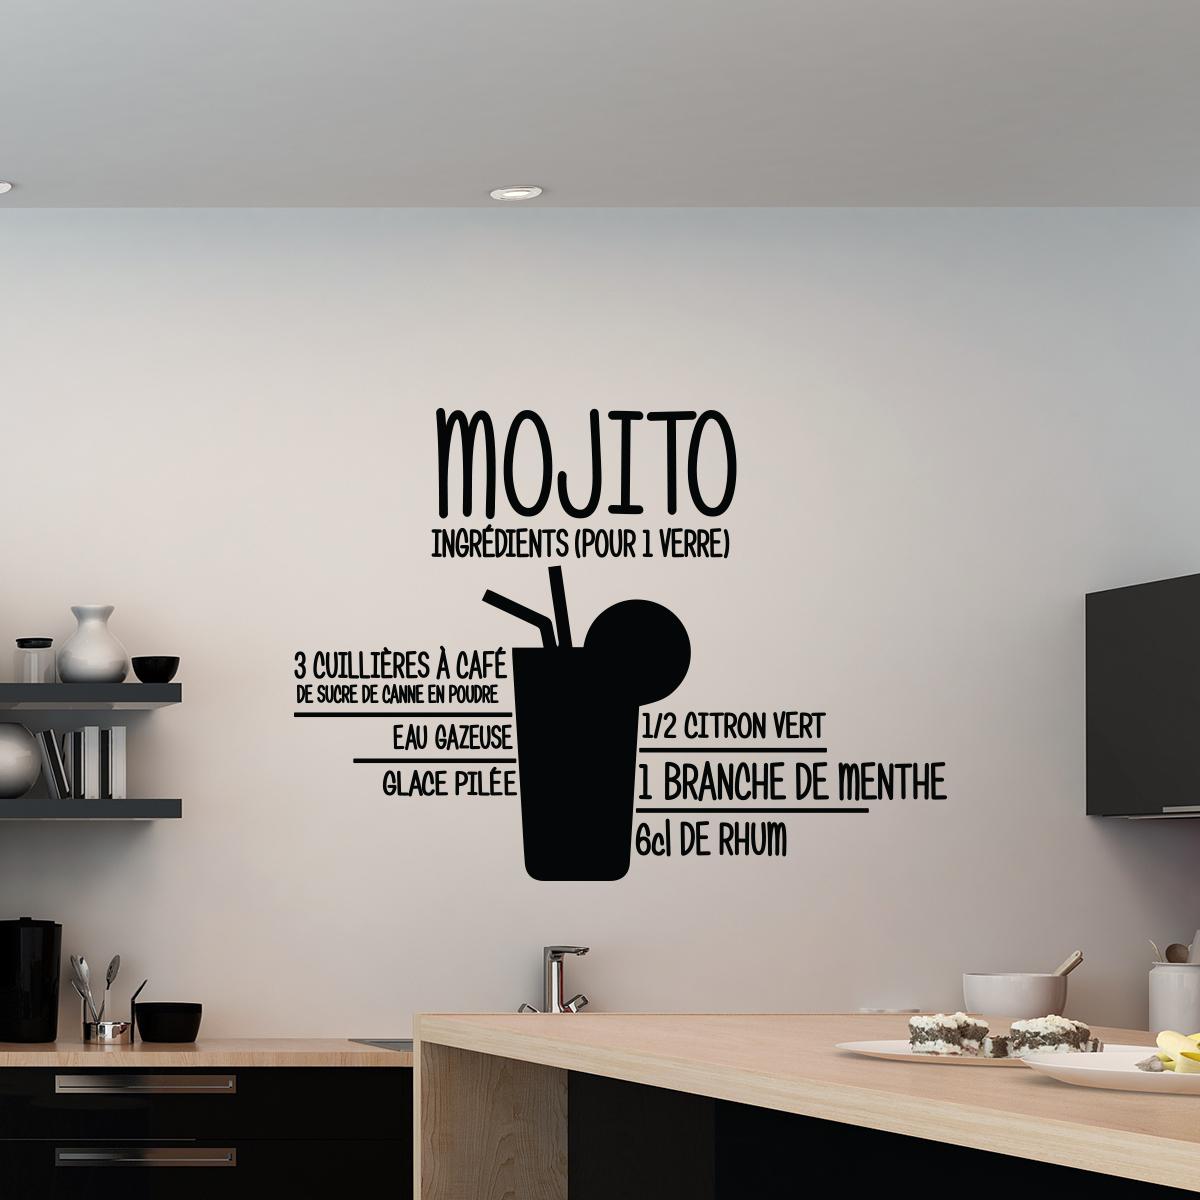 Sticker Mojito - Stickers cuisine | Ambiance-sticker.com